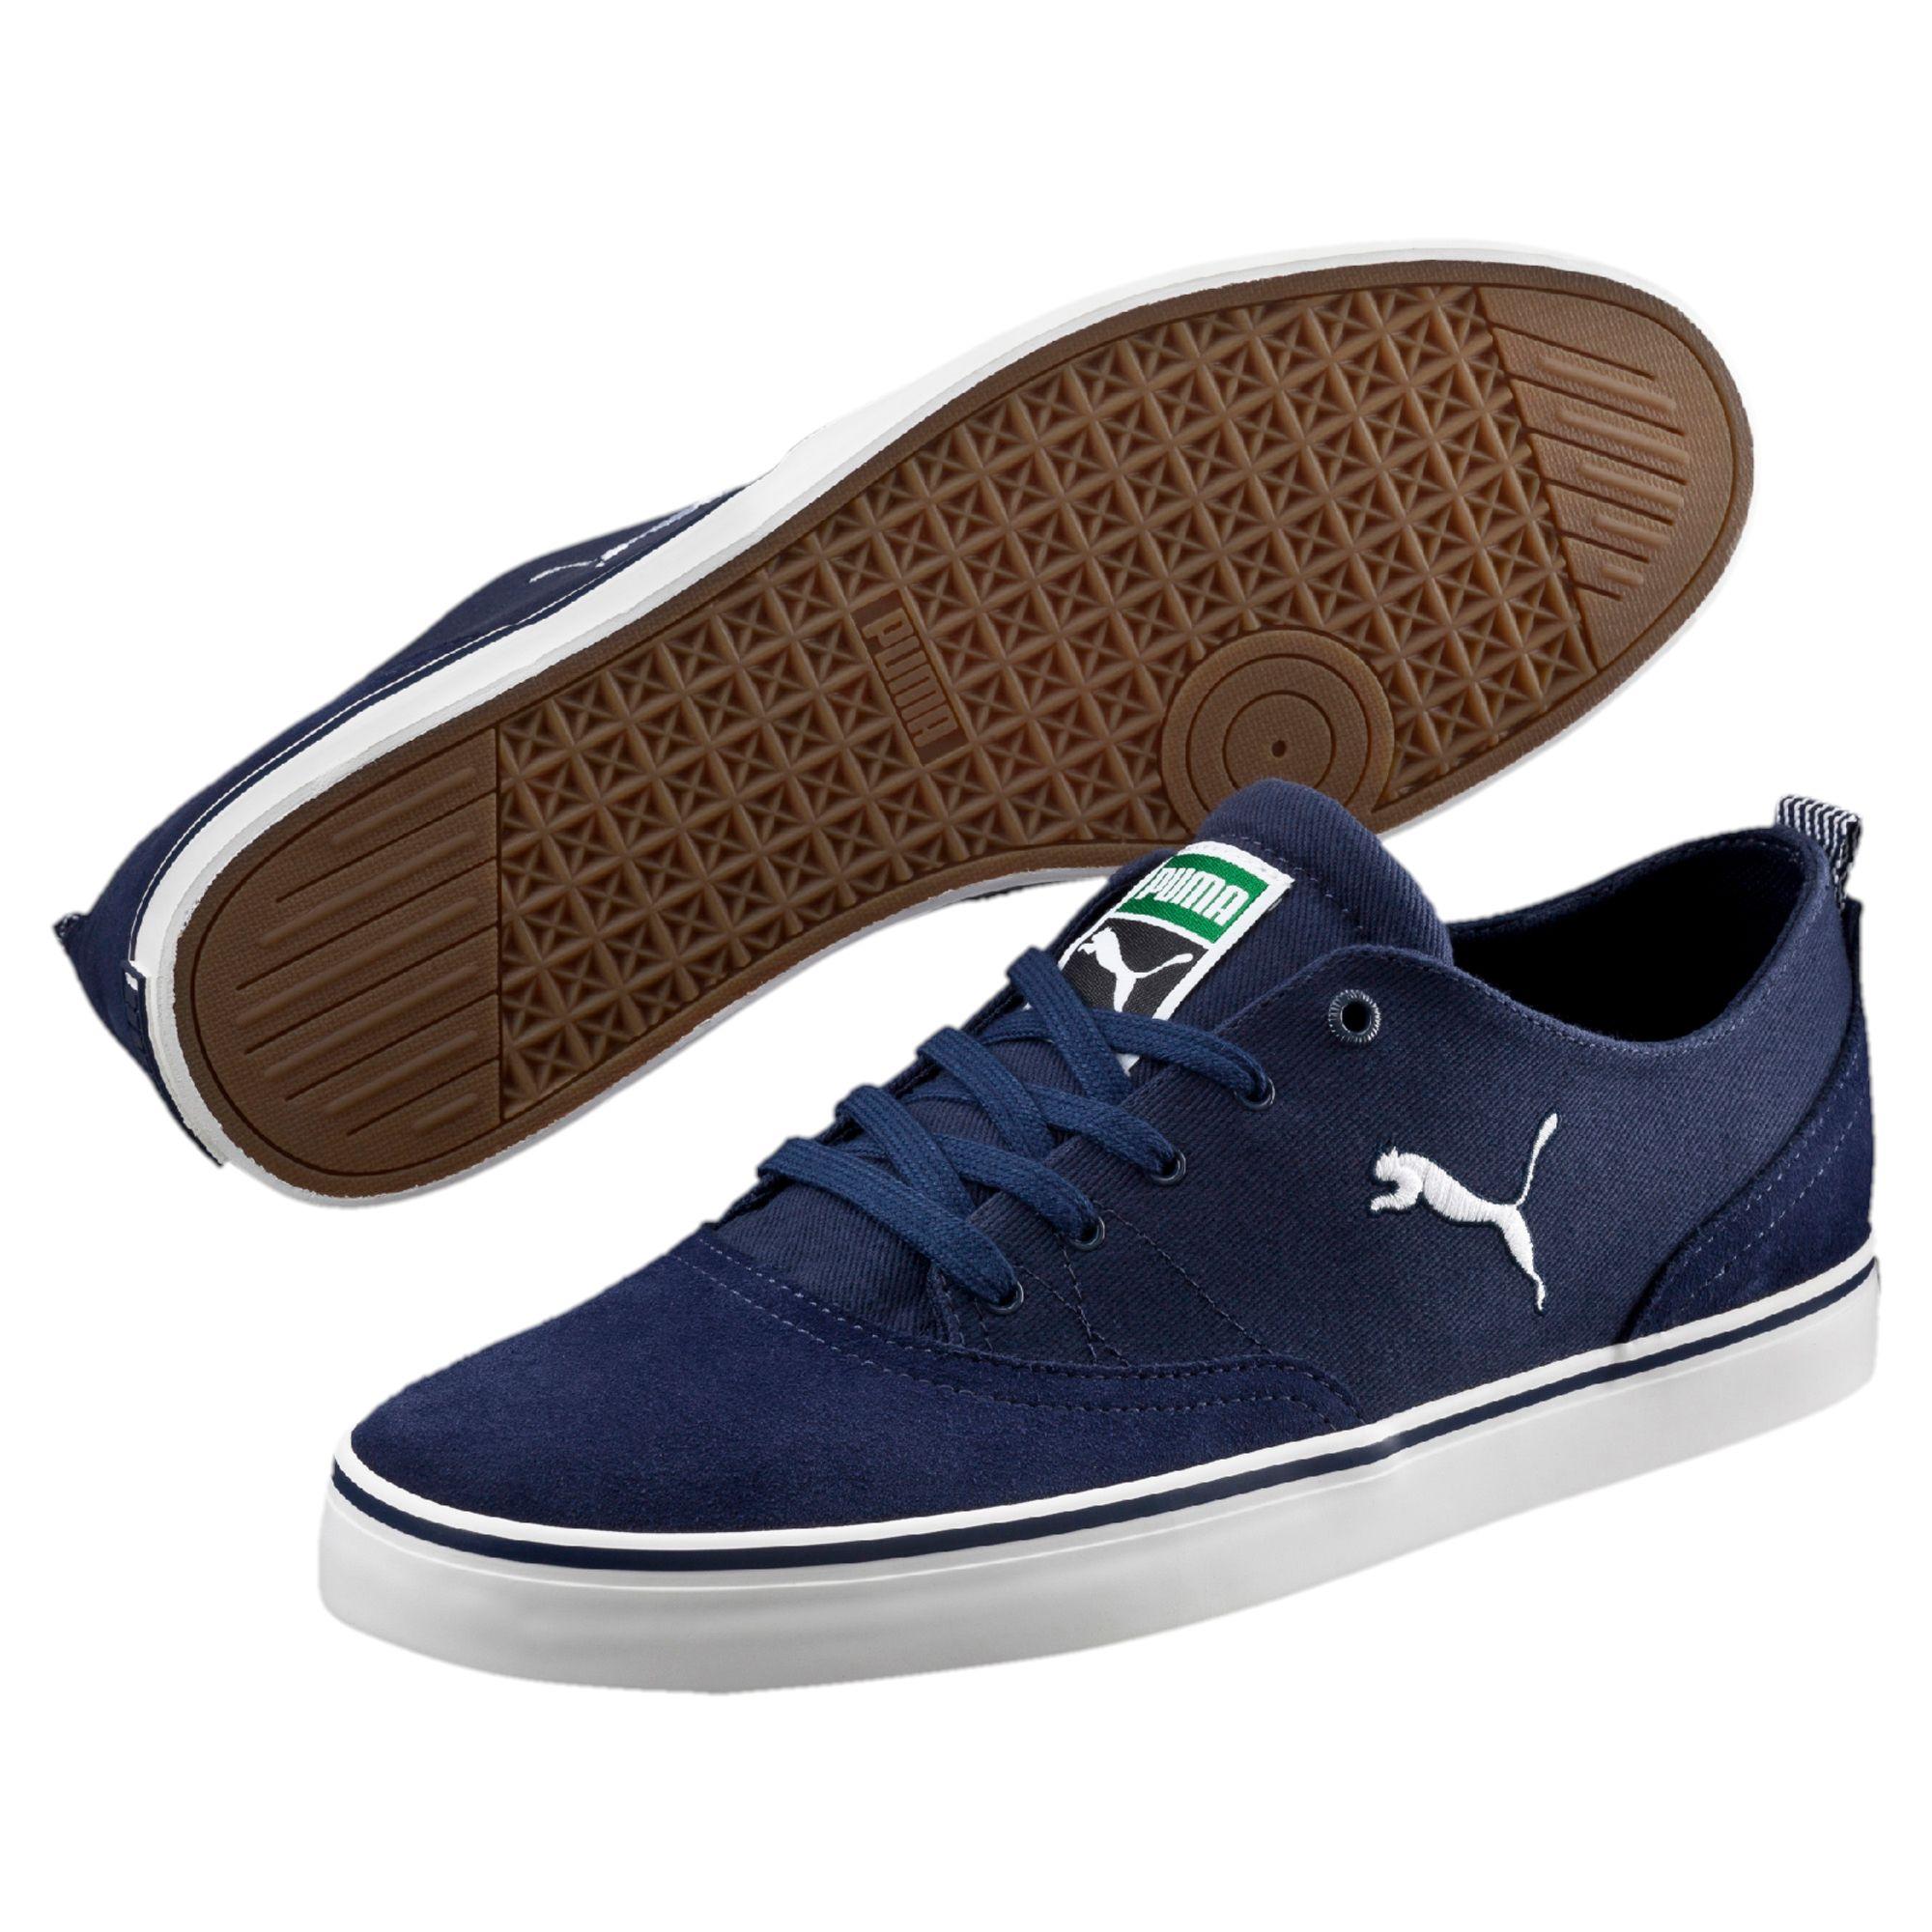 Puma Funist Parade Men' Shoes